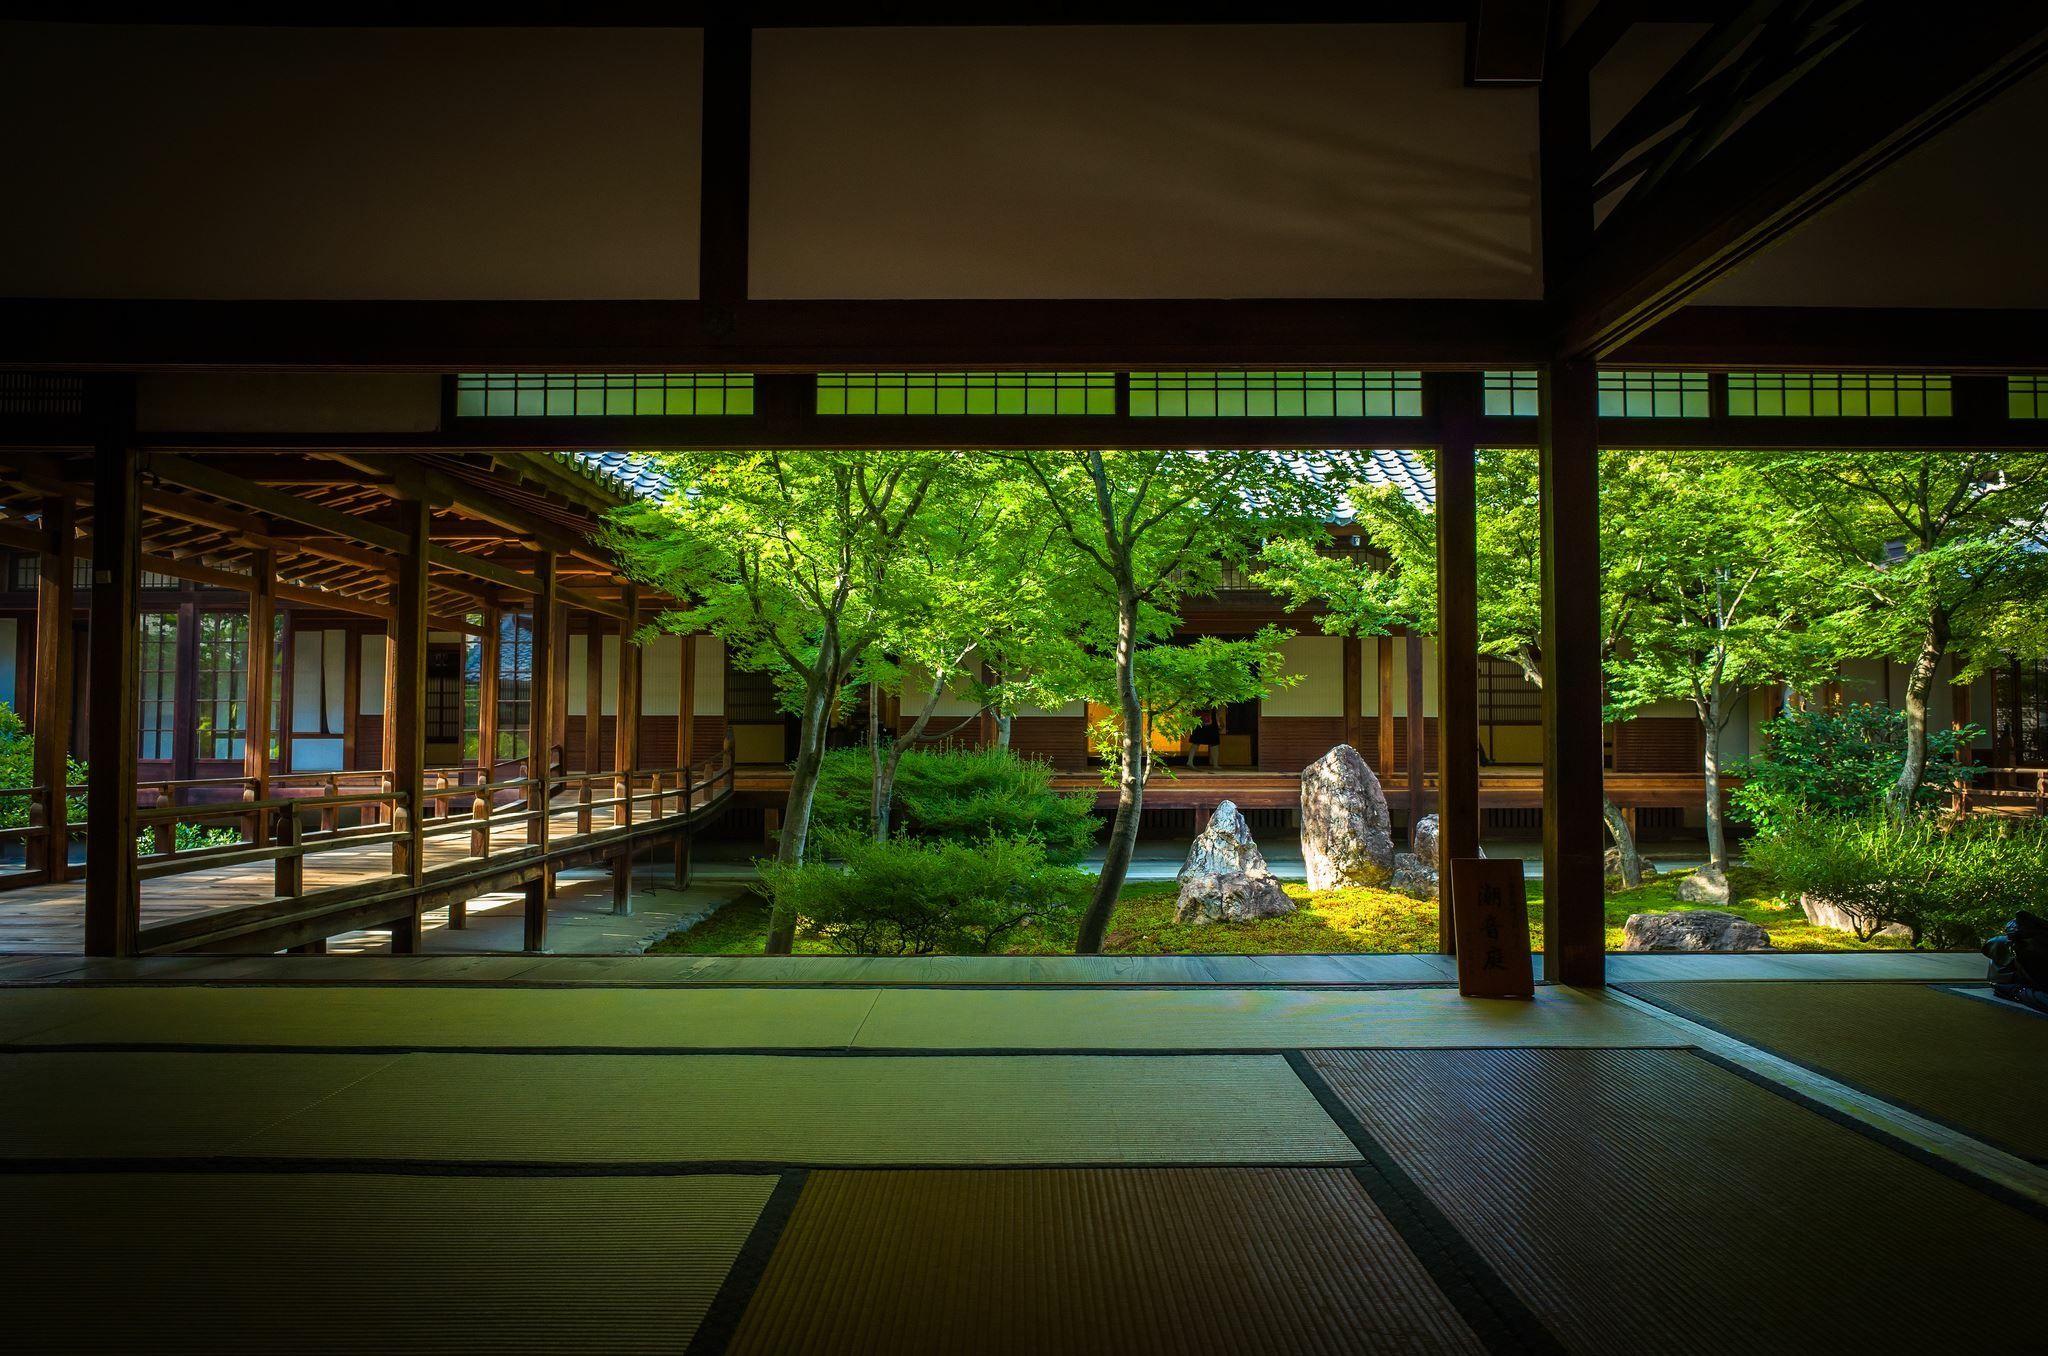 Japanische Architektur pin judy auf japanese style